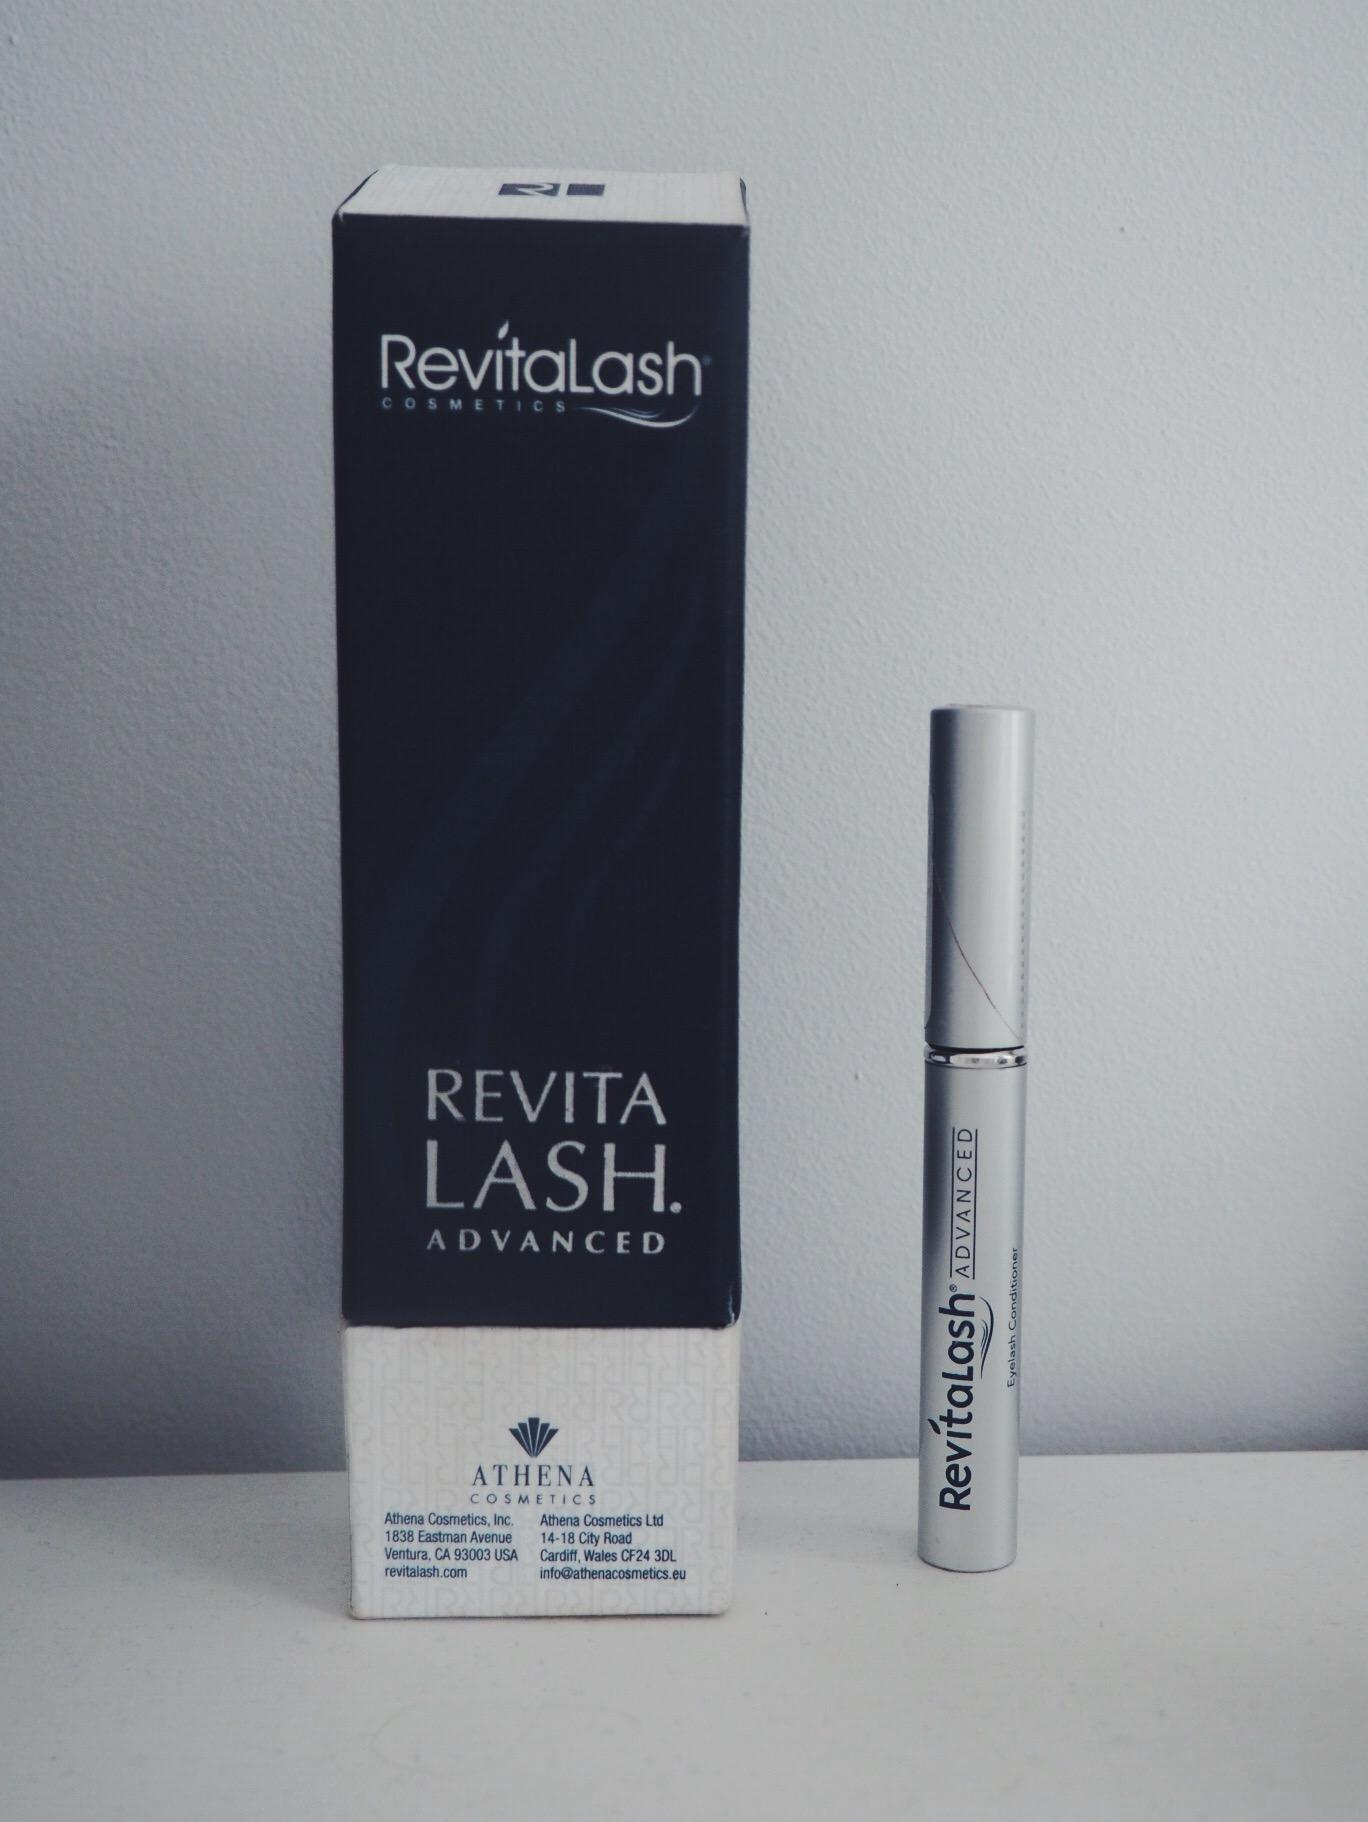 Blue RevitaLash box